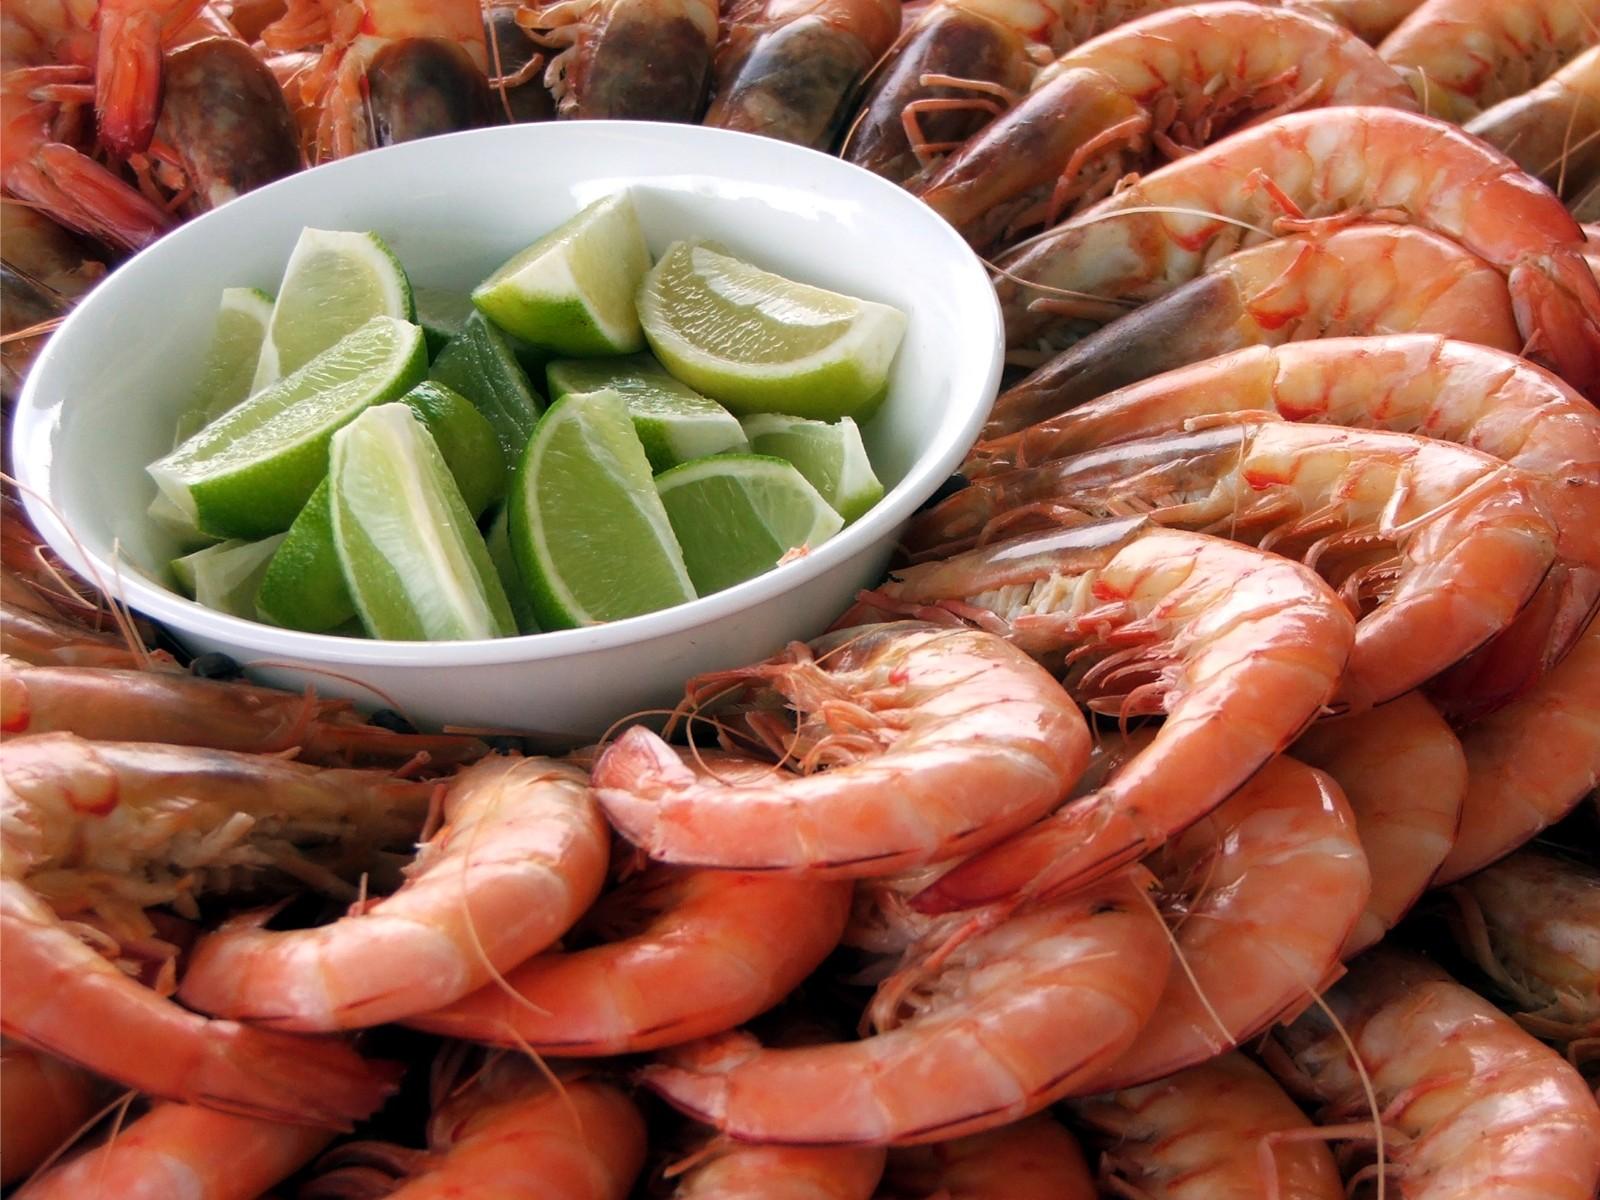 El marisco es uno de los alimentos clásicos que pueden causar alergias.